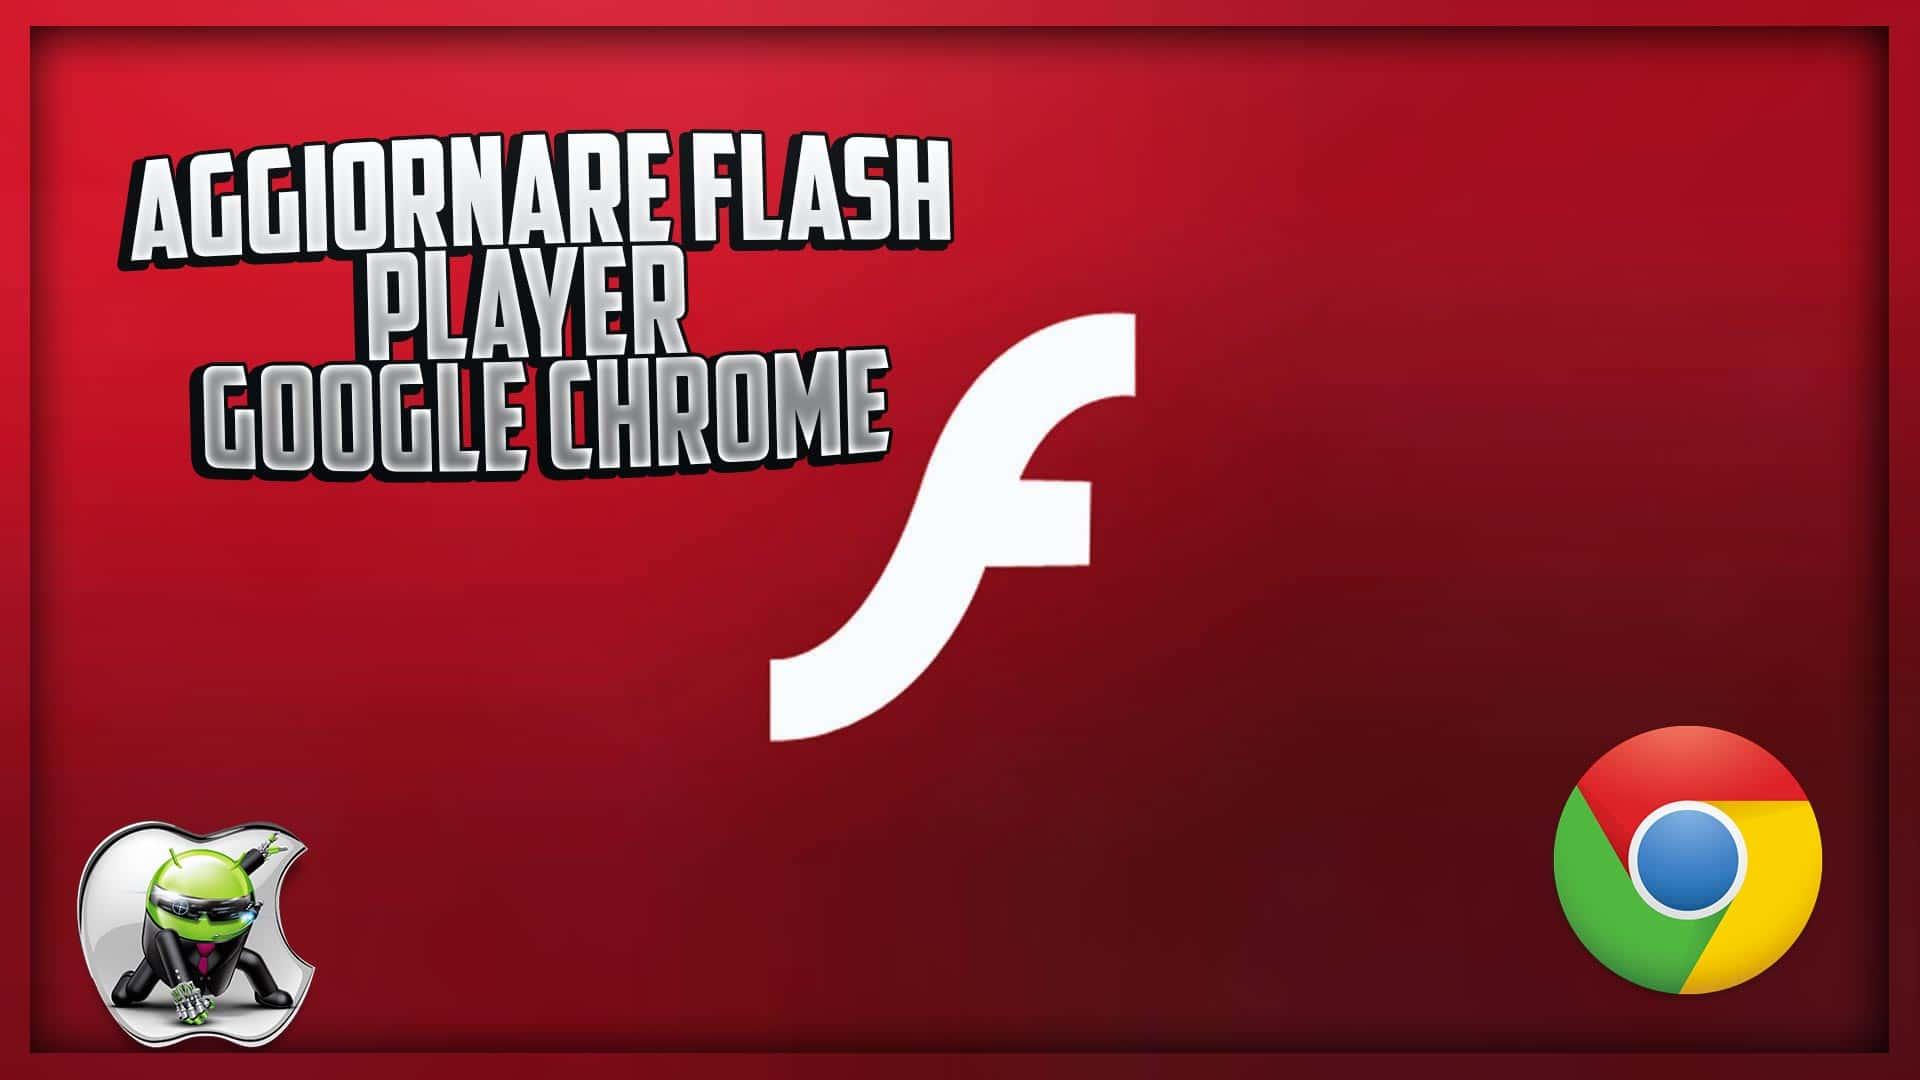 aggiornare flash player